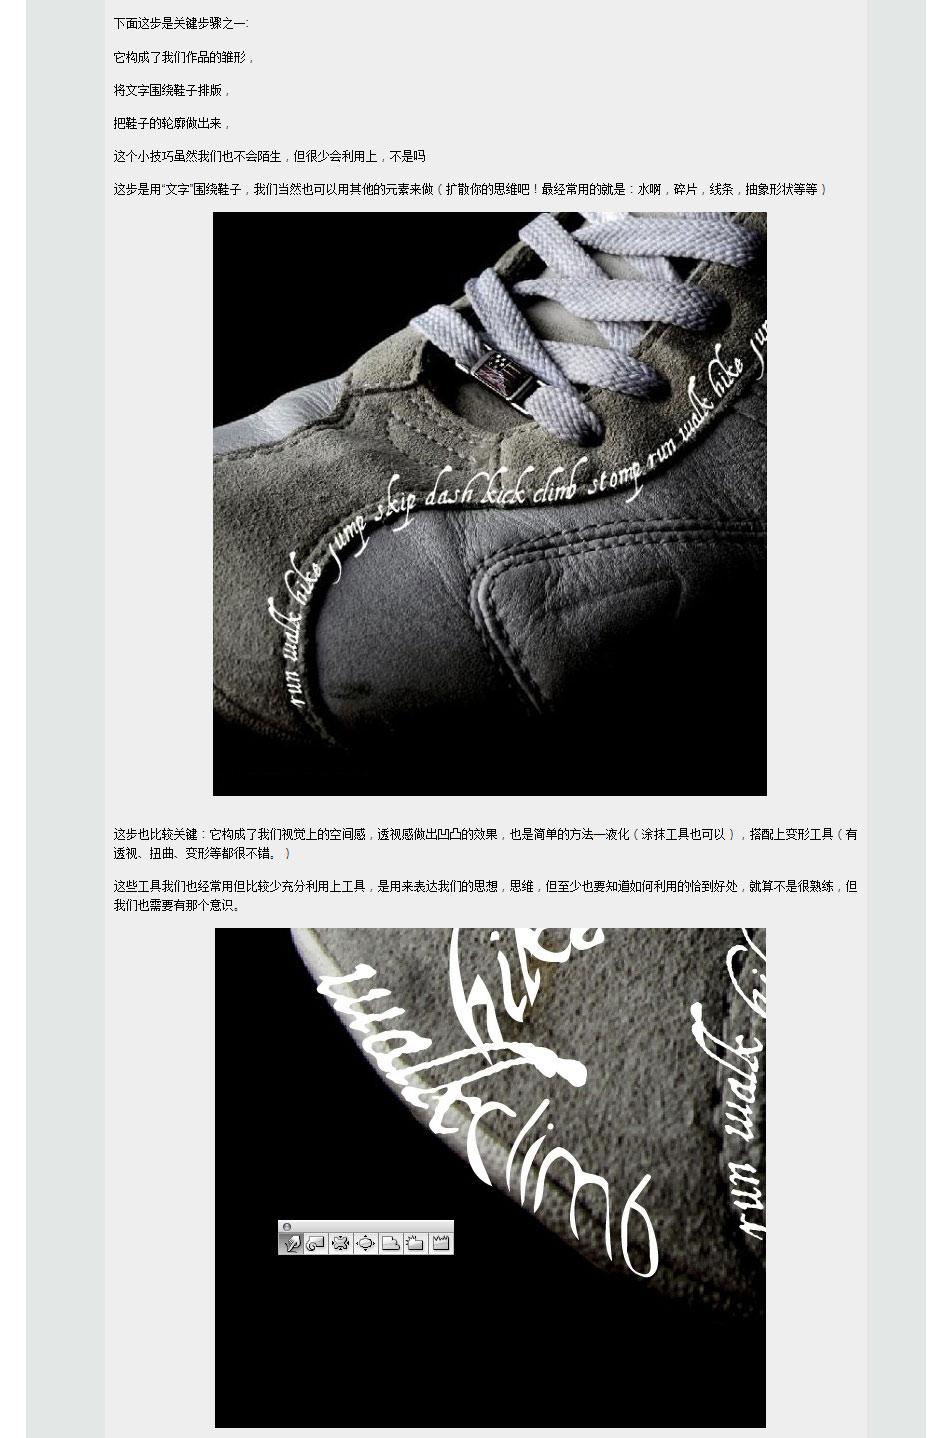 郑州-李银玲 培训 ps设计海报两技巧